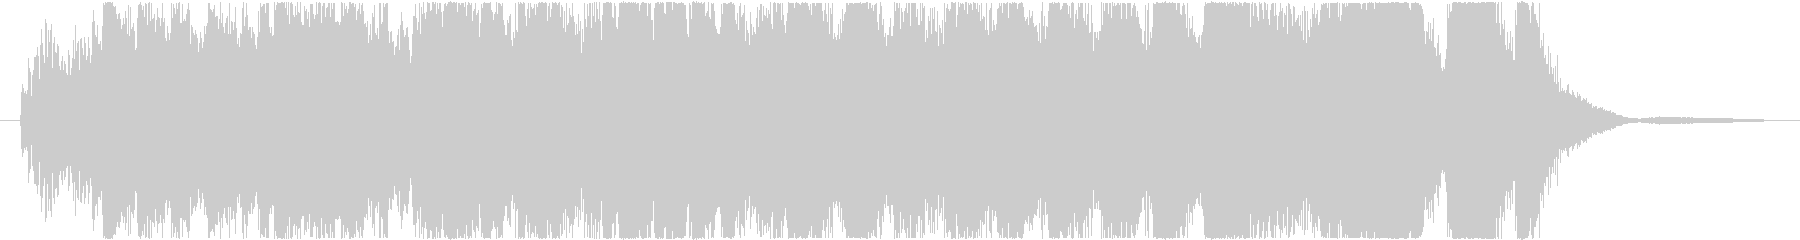 イベントオープニングジングル_ロングv1の未再生の波形